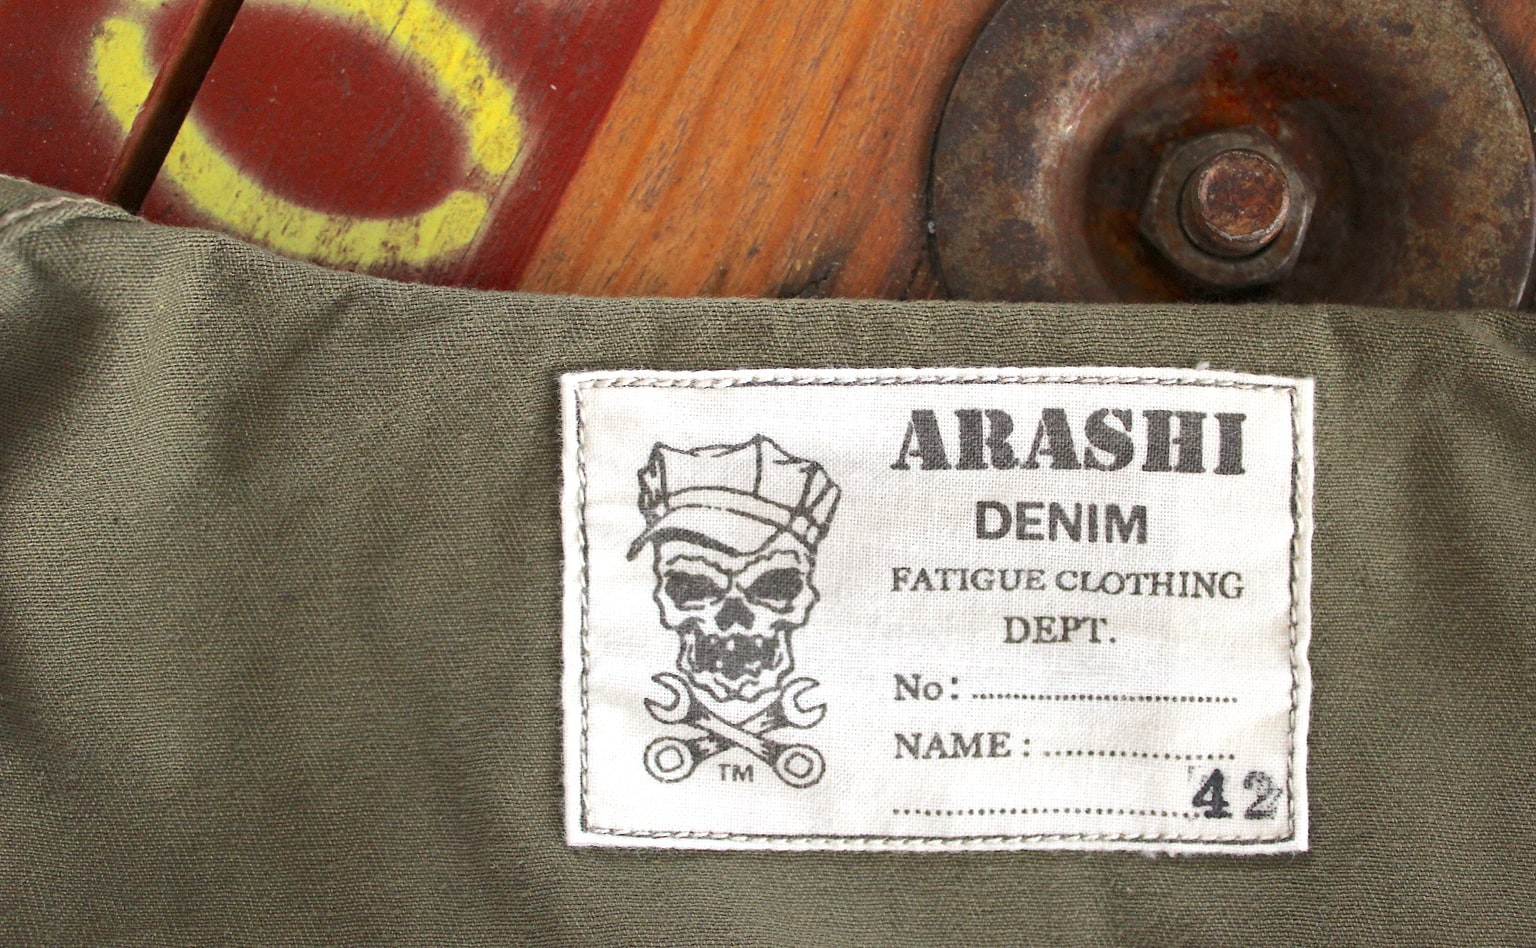 une marque française d'inspiration militaria vintage heritage - Arashi denim